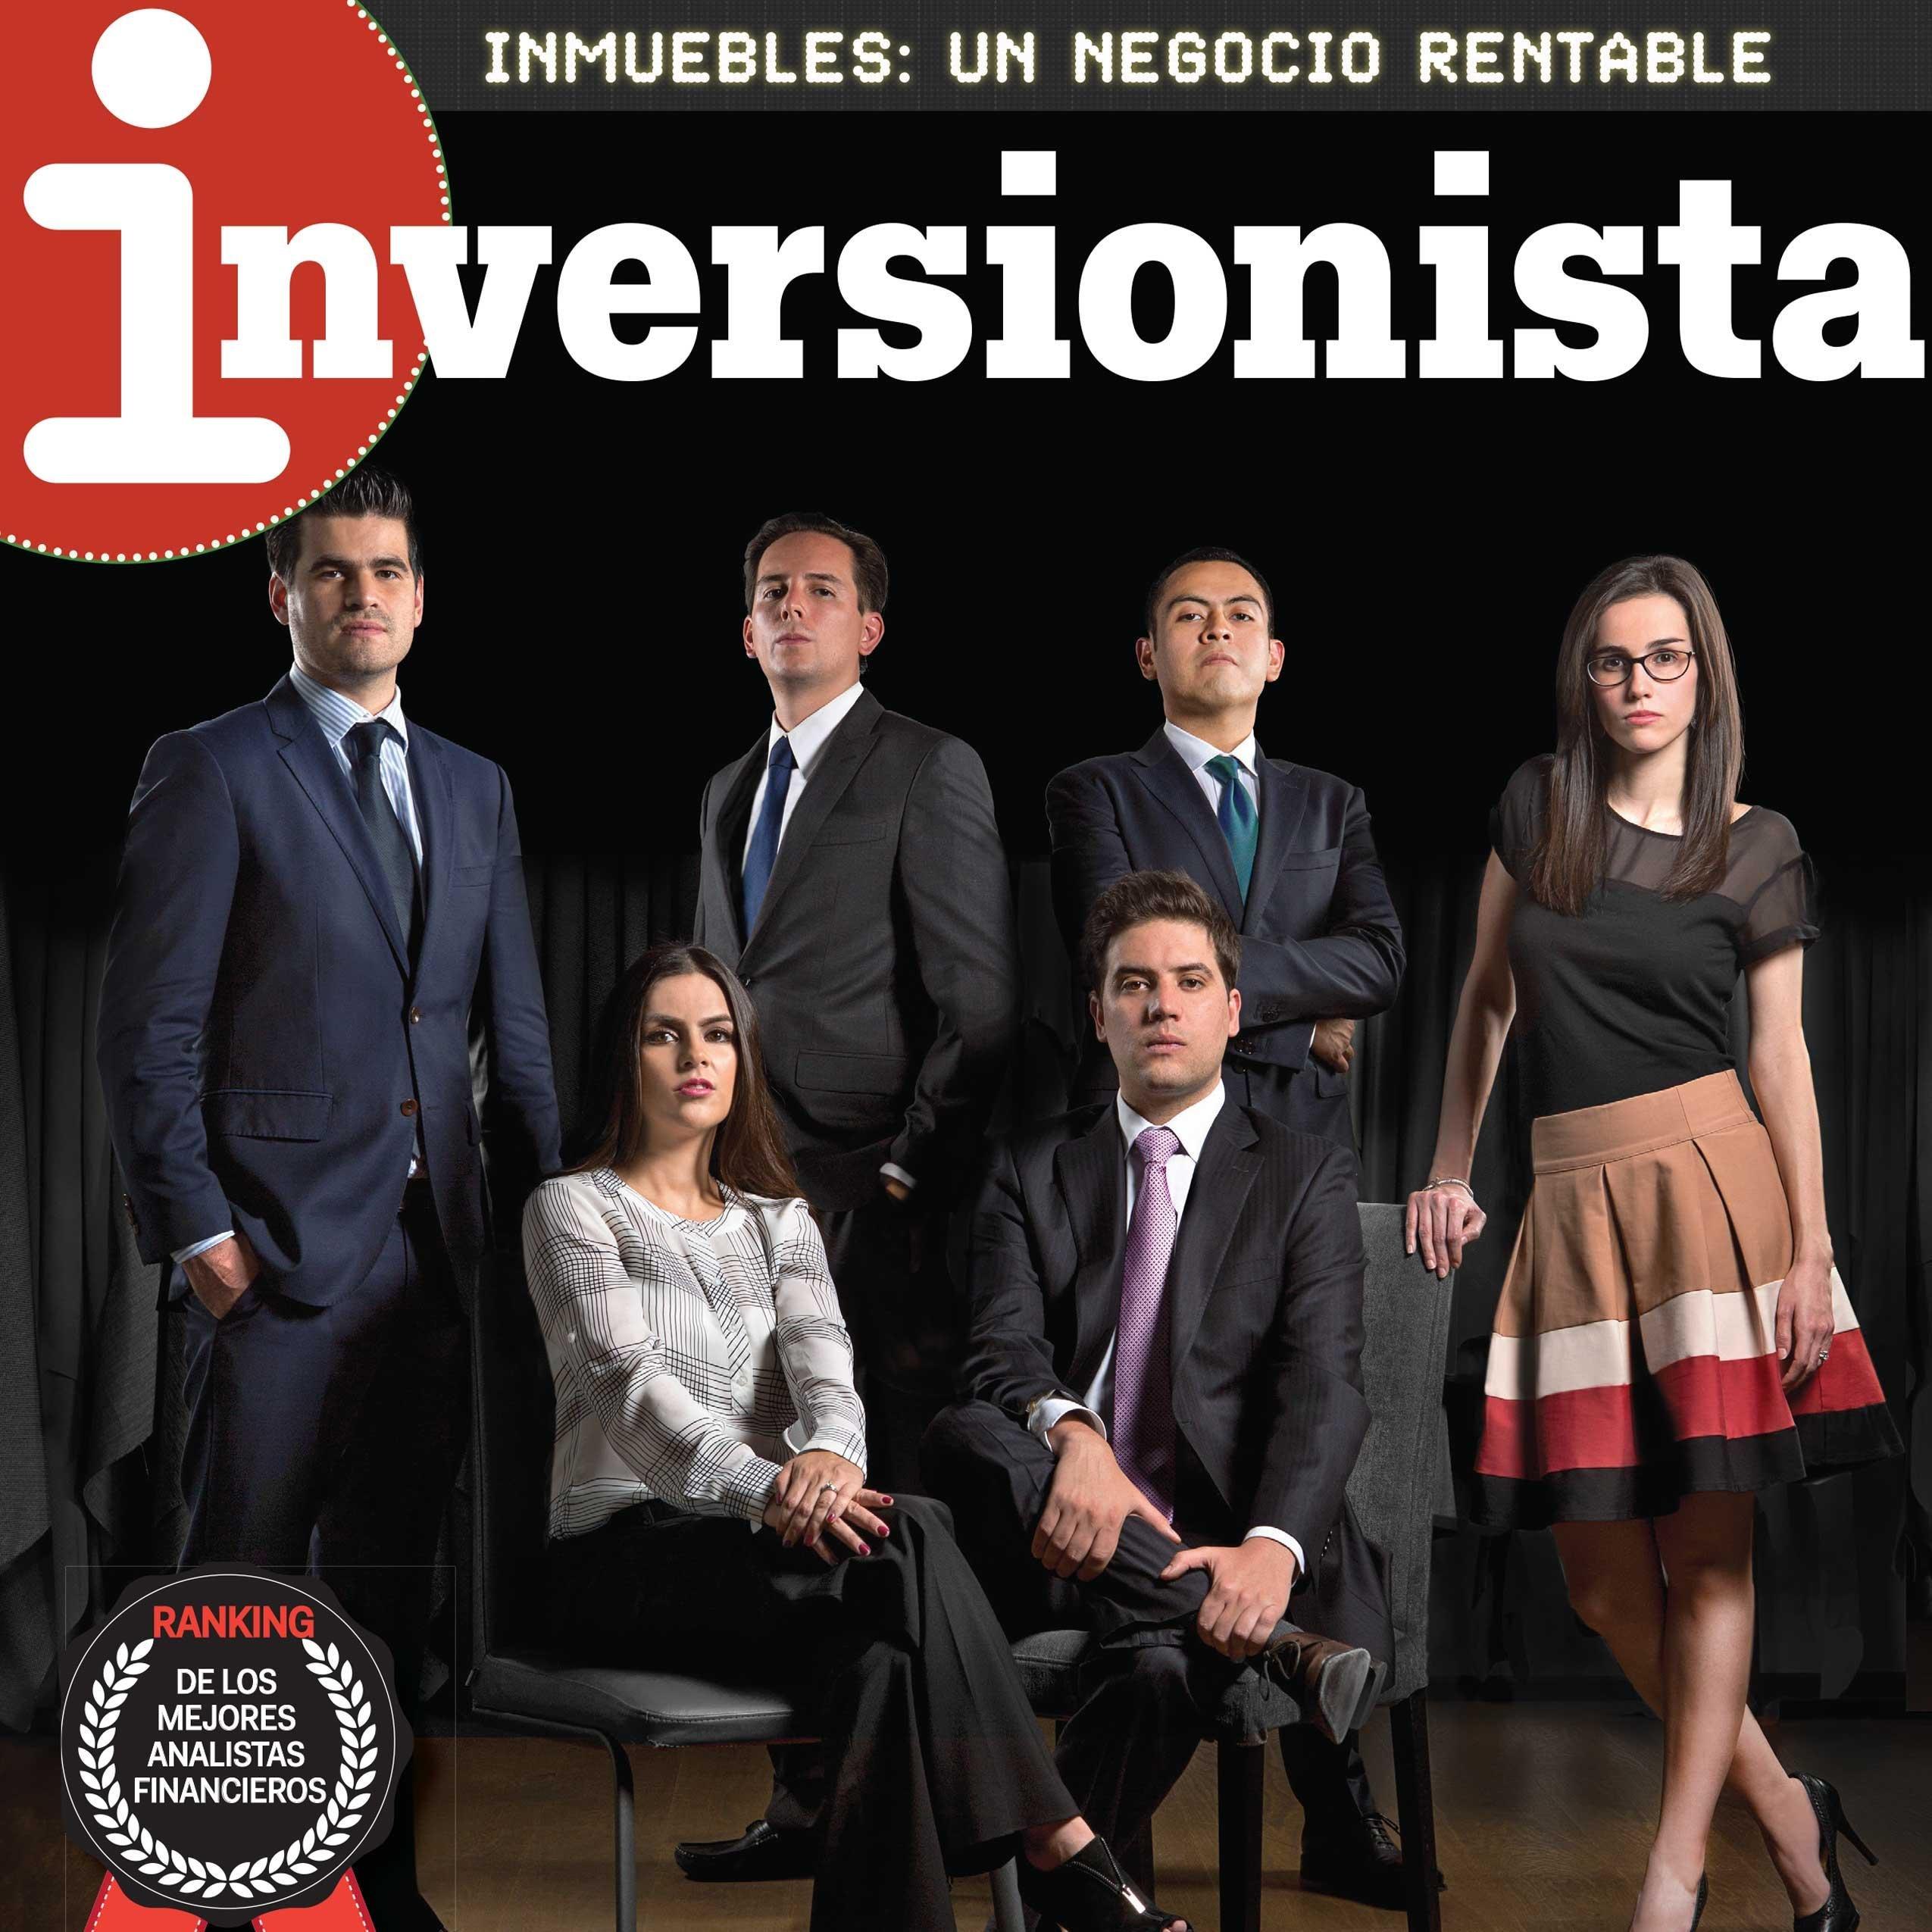 @InversionistaMX